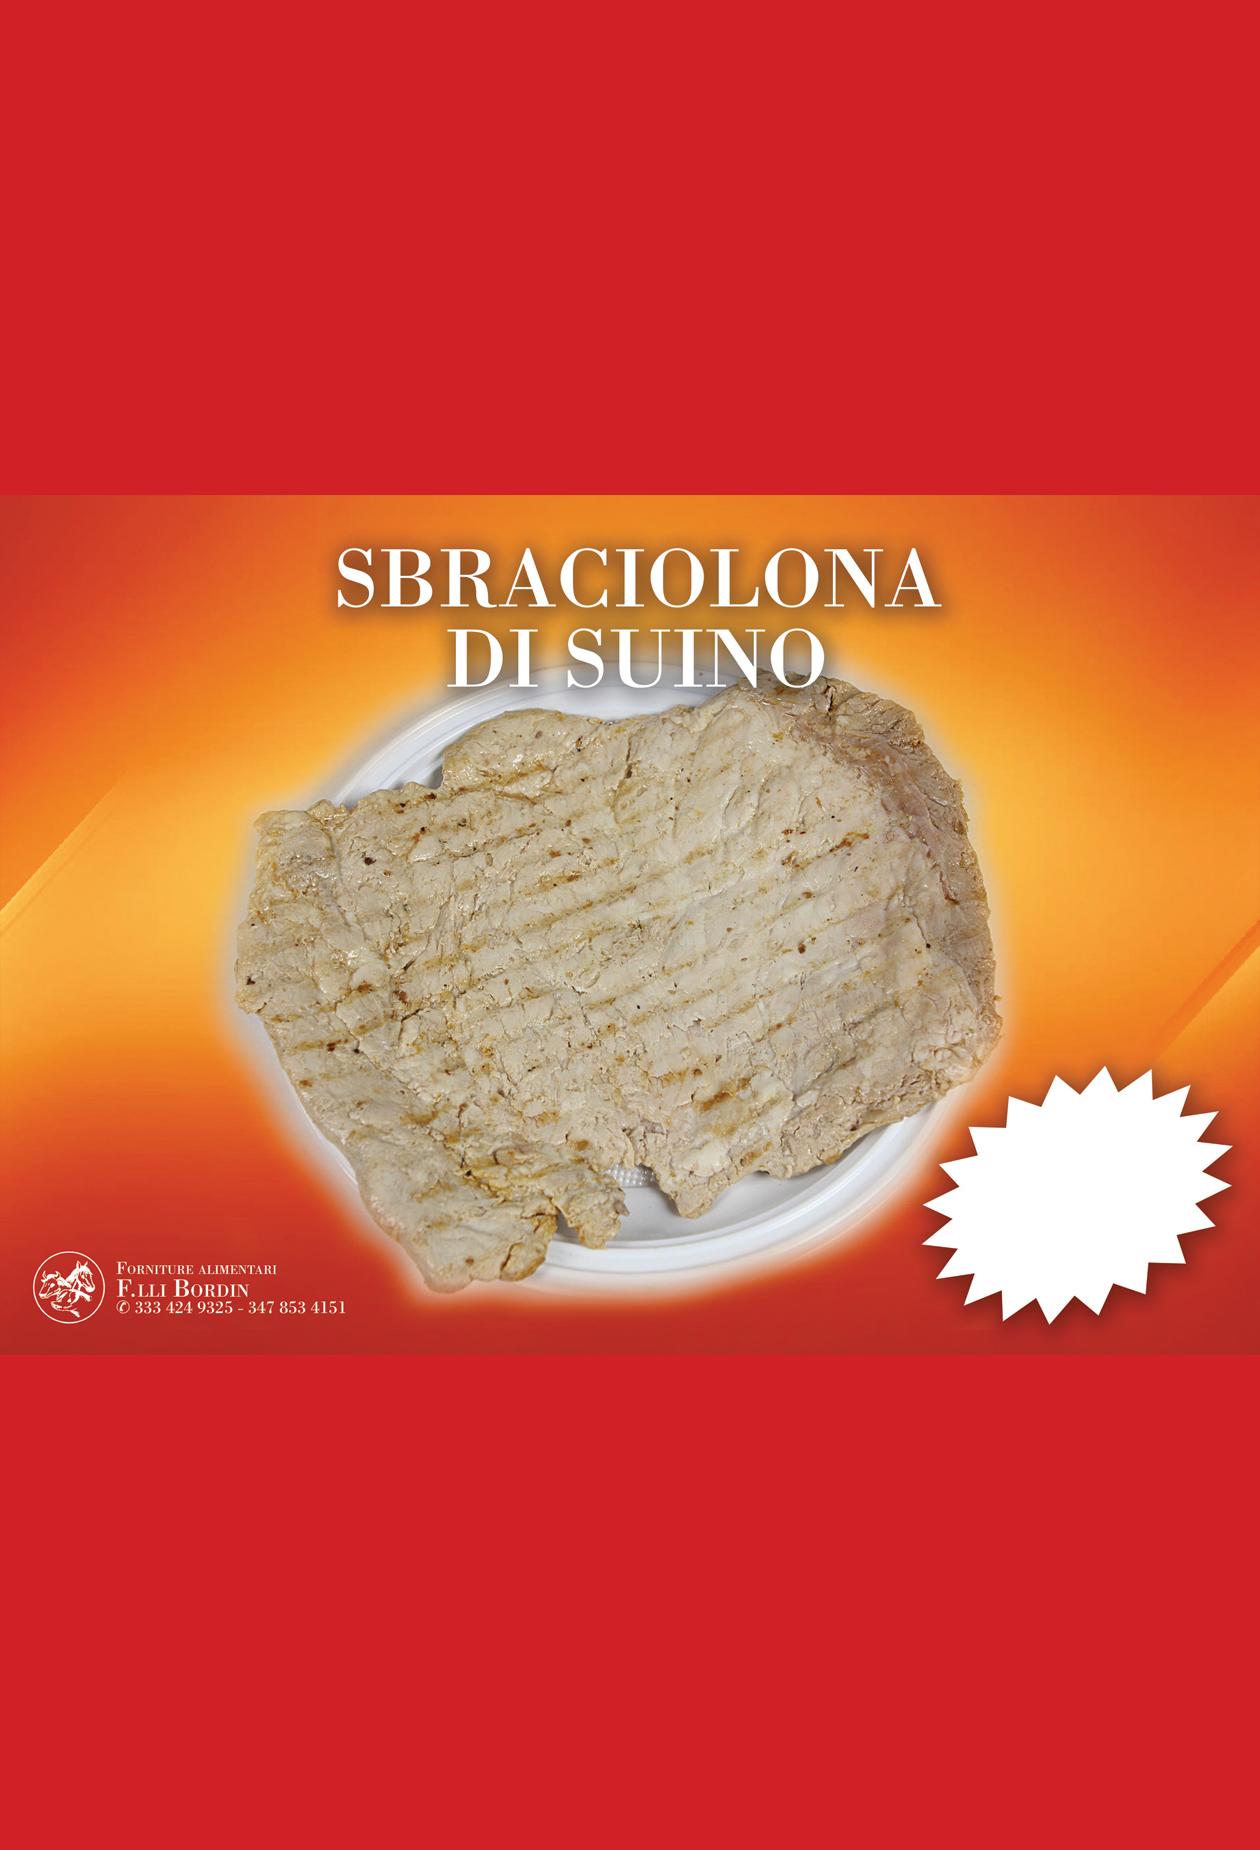 SBRACIOLONA S